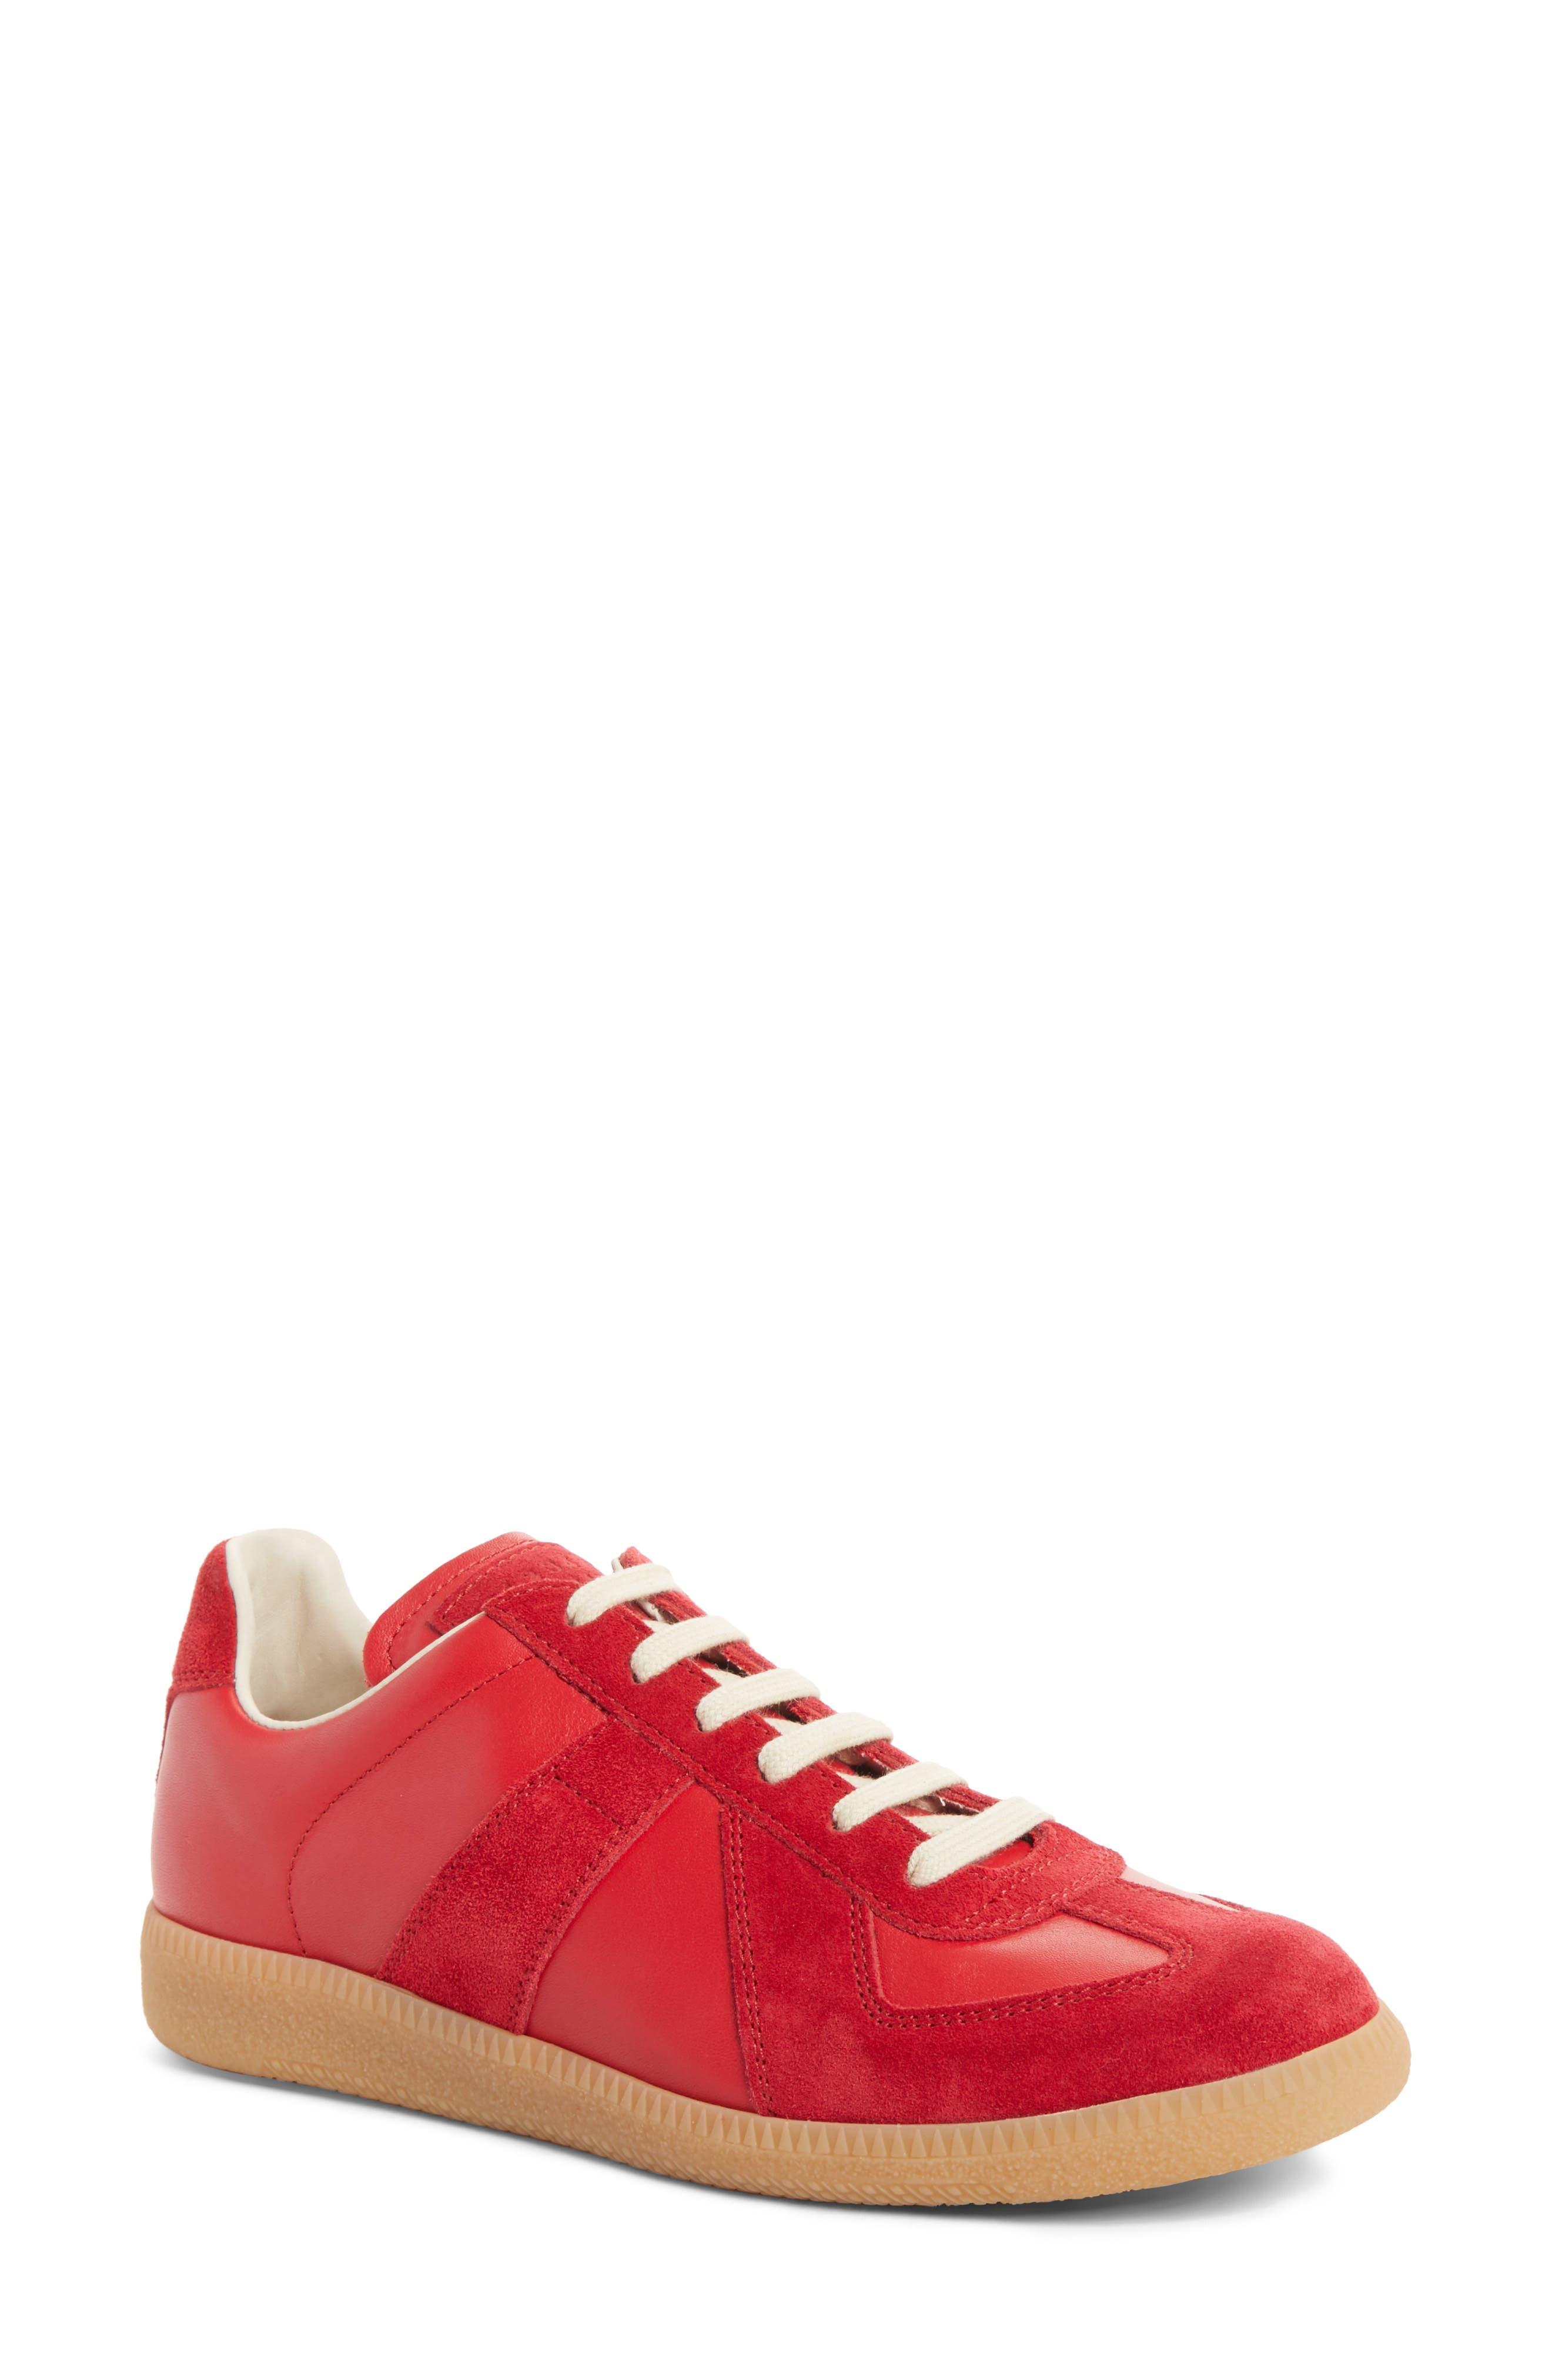 Replica Sneaker,                         Main,                         color, Red/Amber